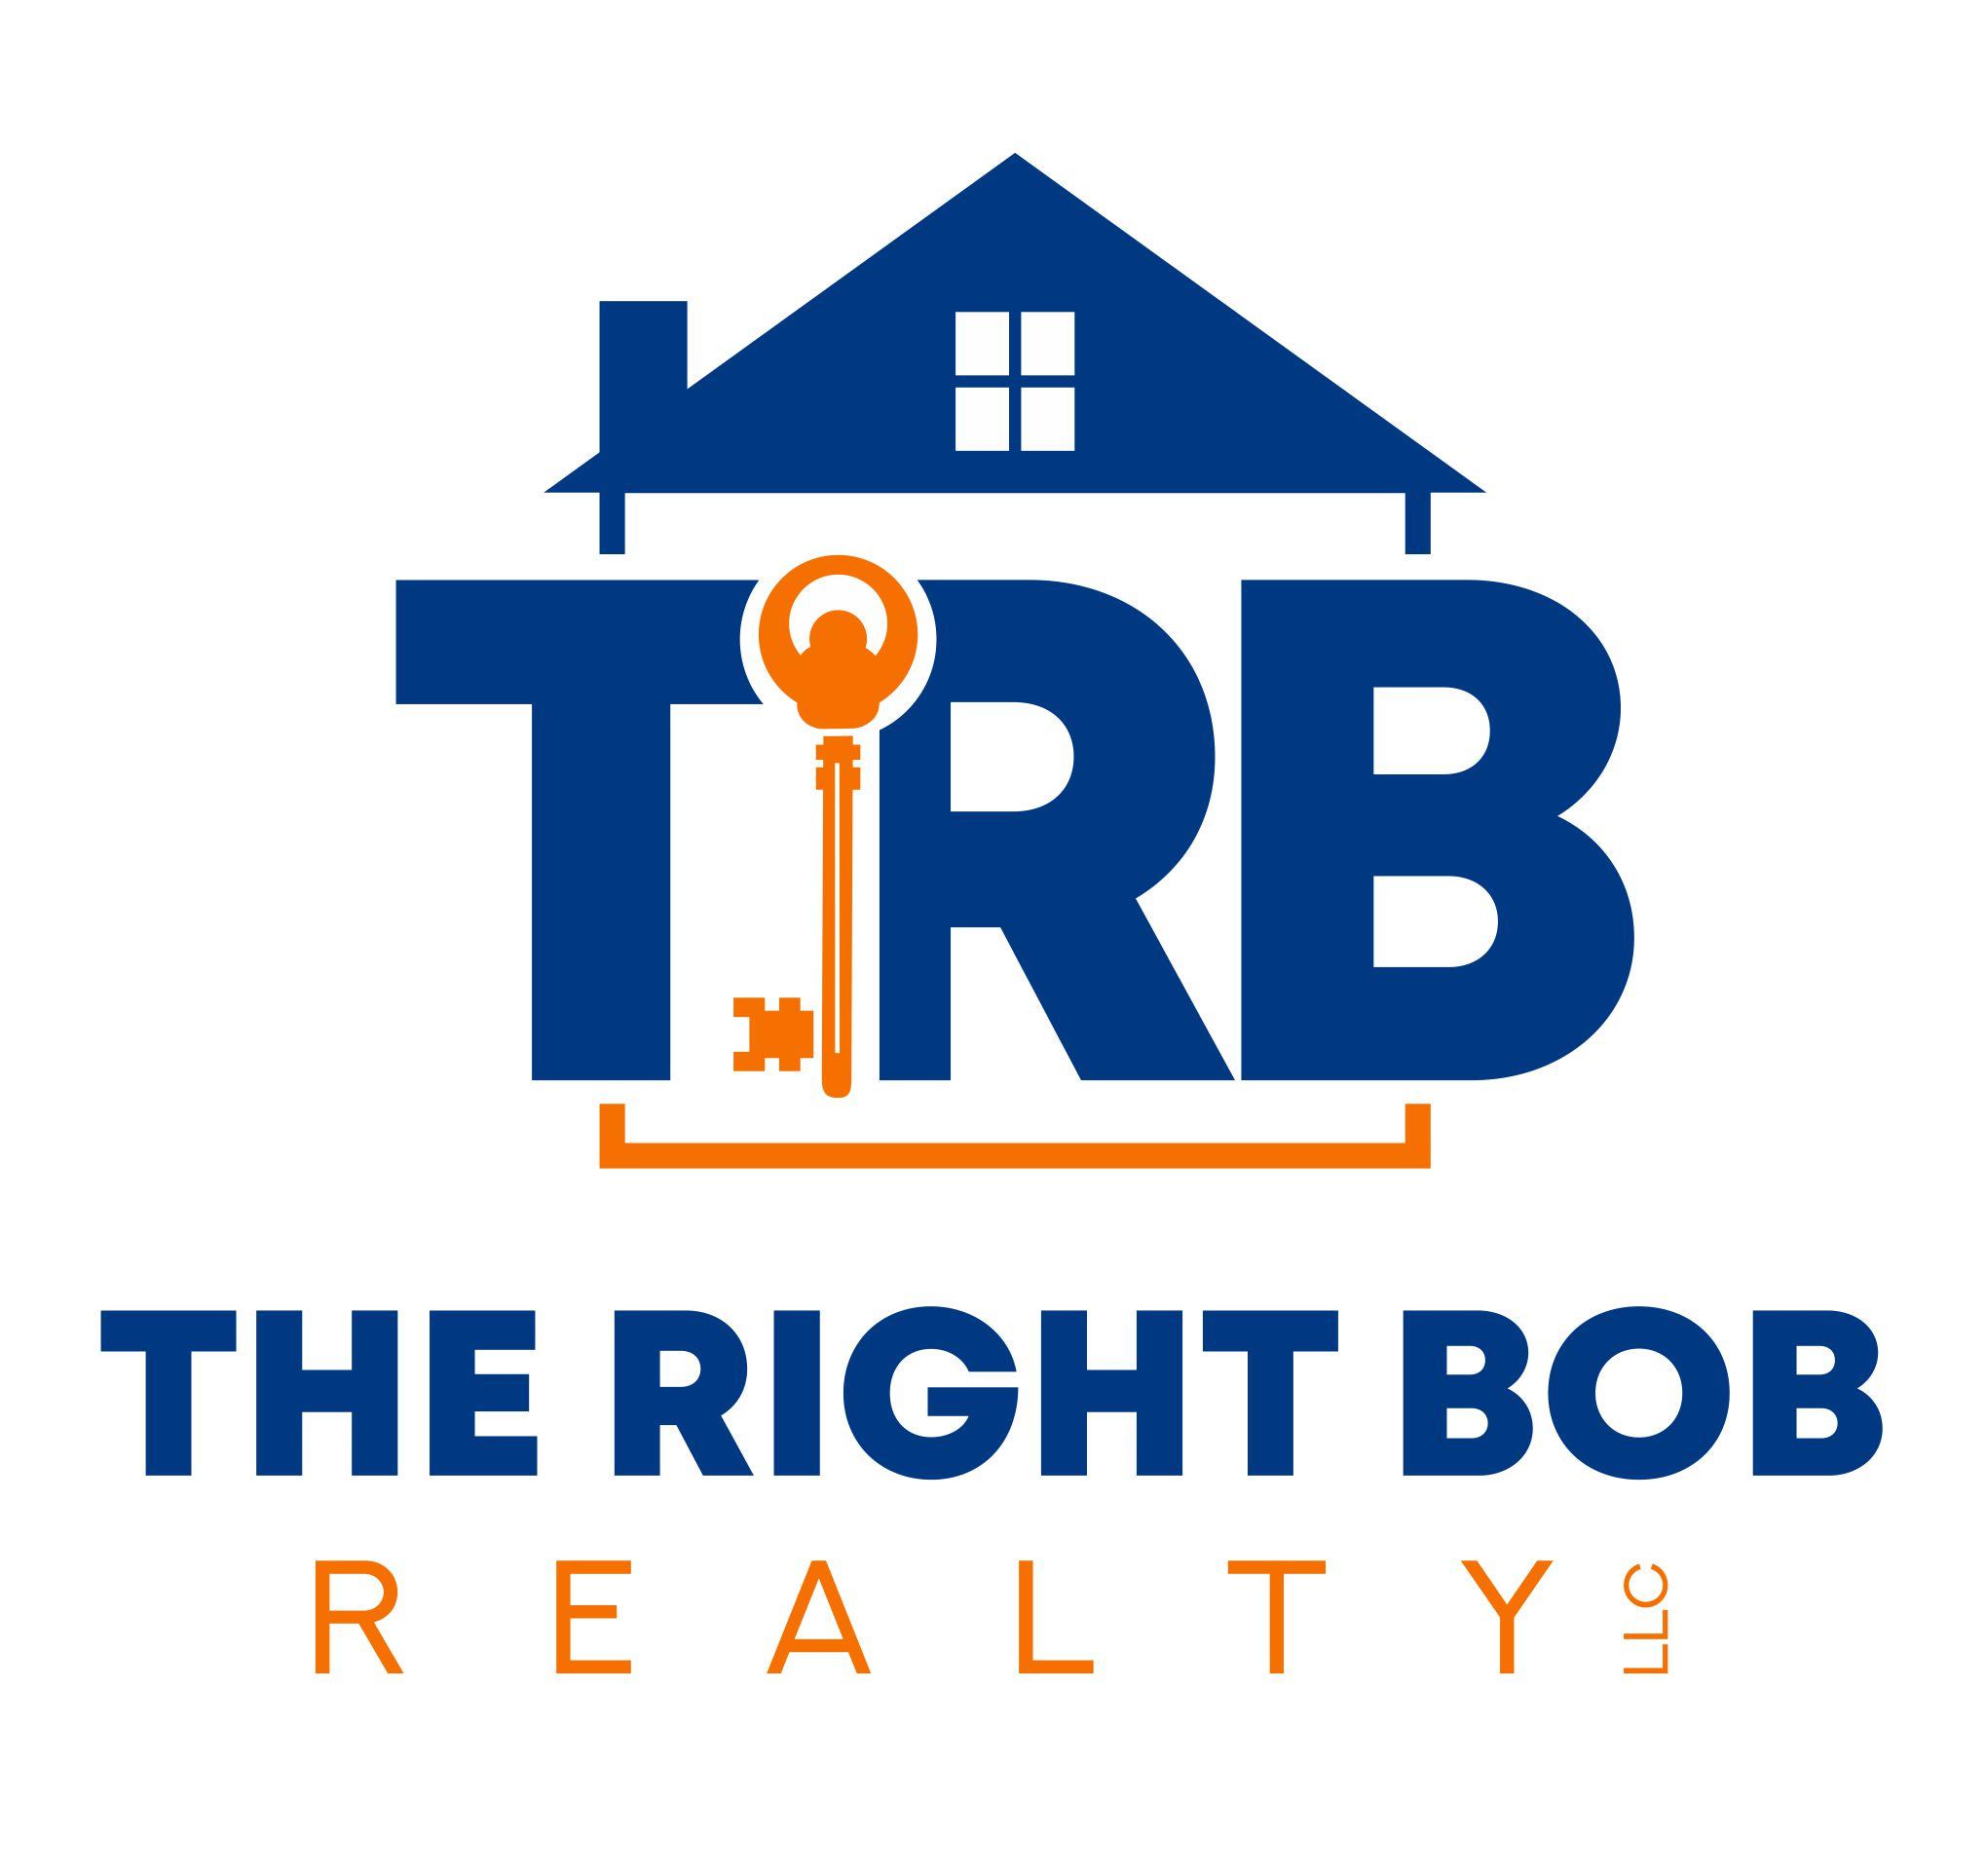 The Right Bob